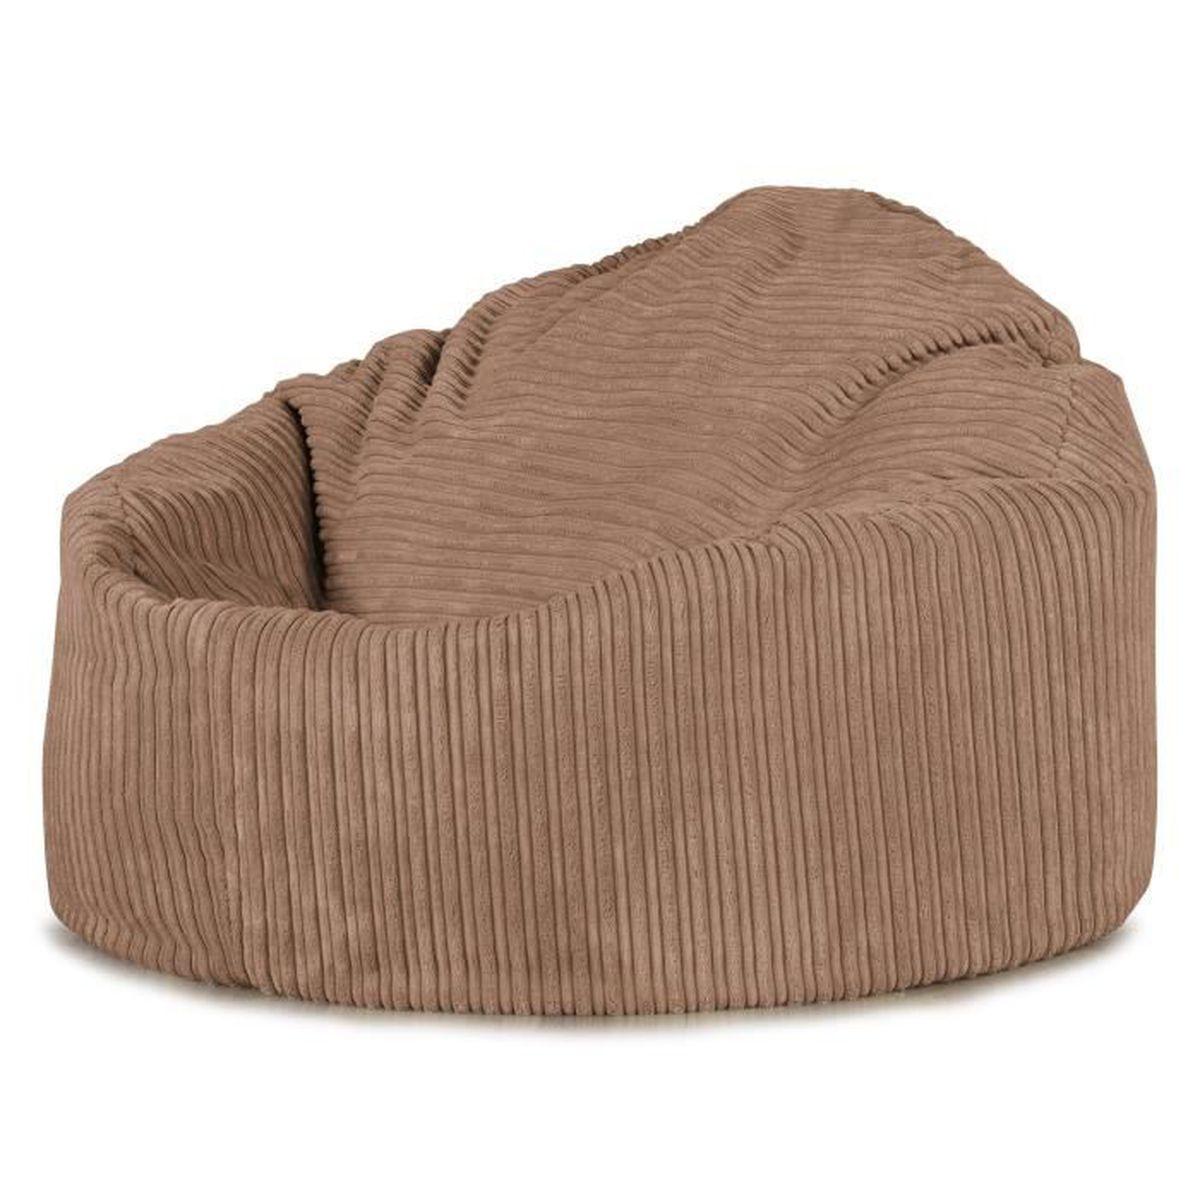 pouf poire petite mammouth sable achat vente pouf poire cdiscount. Black Bedroom Furniture Sets. Home Design Ideas